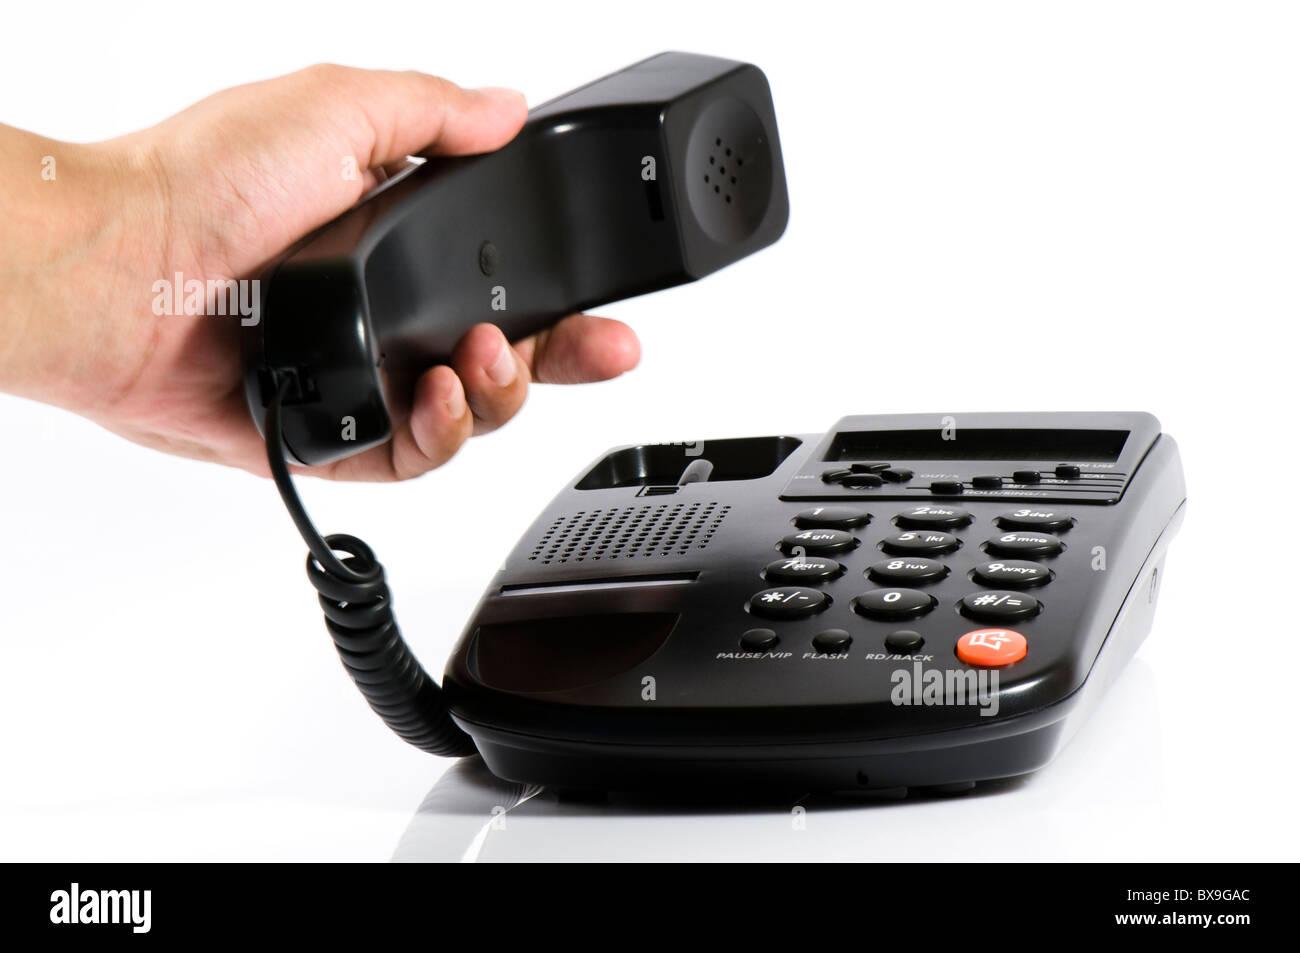 Kommissionierung, Telefon Empfänger Ausschnitt, schwarz Telefon, weißer Hintergrund Stockbild